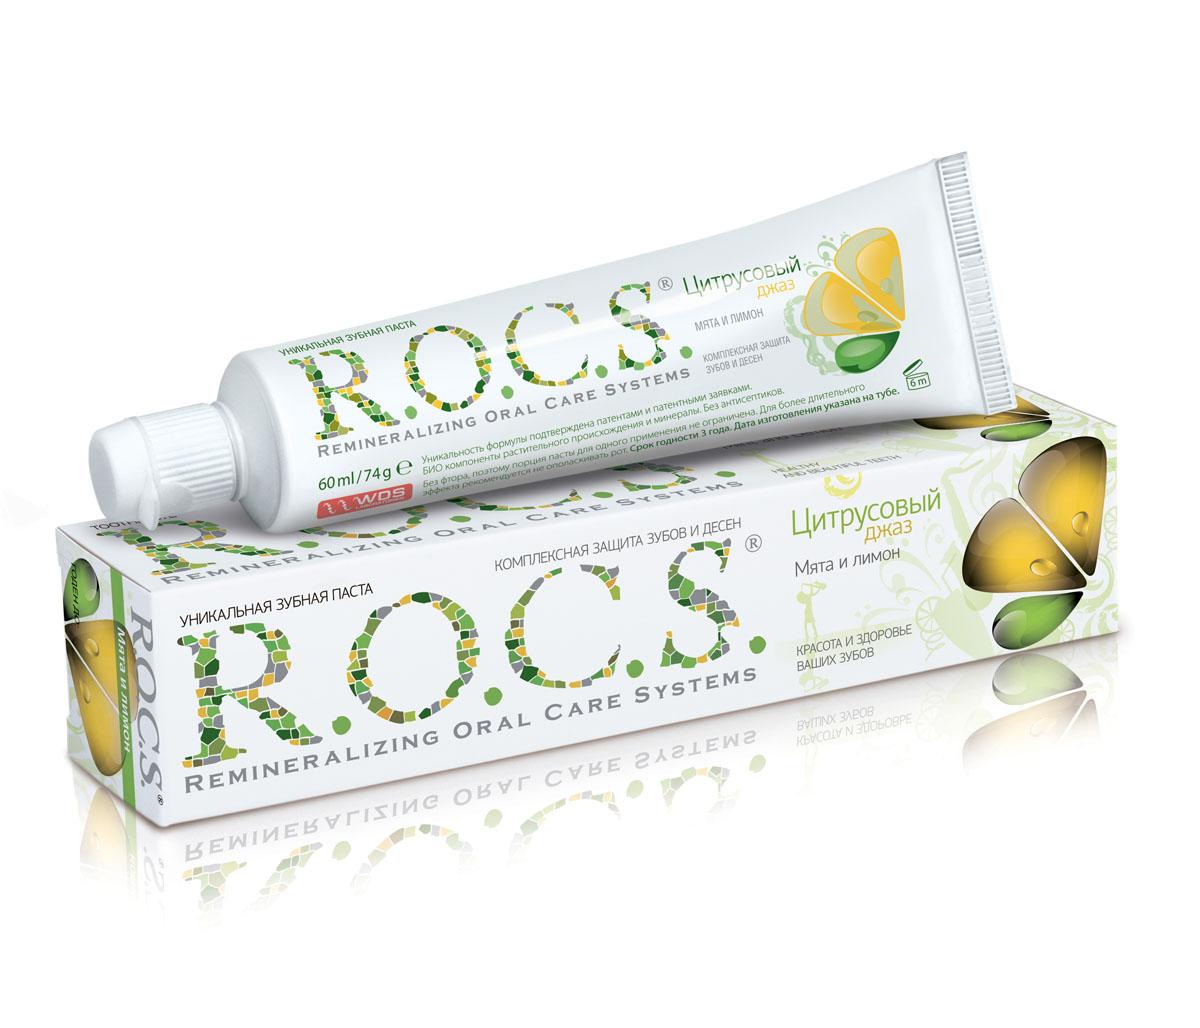 Зубная паста R.O.C.S. Мята и лимон, 74 г1381Уникальная зубная паста R.O.C.S. Мята и лимон - комплексная защита зубов и десен.Значительное количество ингредиентов зубной пасты попадает в кровь через слизистую оболочку полости рта в момент чистки зубов. Вот почему так важно, чтобы паста была безопасной. Запатентованная формула R.O.C.S. содержи био-компоненты растительного происхождения, активность которых сохраняется благодаря применяемой низкотемпературной технологии приготовления зубной пасты.Высокая эффективность R.O.C.S. подтверждена клиническими исследованиями:Защищает от кариеса и нормализует состав микрофлоры полости рта;Возвращает белизну и блеск эмали за счет действия ферментативной системы в сочетании с минеральным комплексом;Устраняет кровоточивость и воспаление десен без применения антисептиков. Характеристики: Вес: 74 г. Производитель: Россия. Артикул: 70456.Товар сертифицирован. Уважаемые клиенты! Обращаем ваше внимание на то, что упаковка может иметь несколько видов дизайна. Поставка осуществляется в зависимости от наличия на складе.